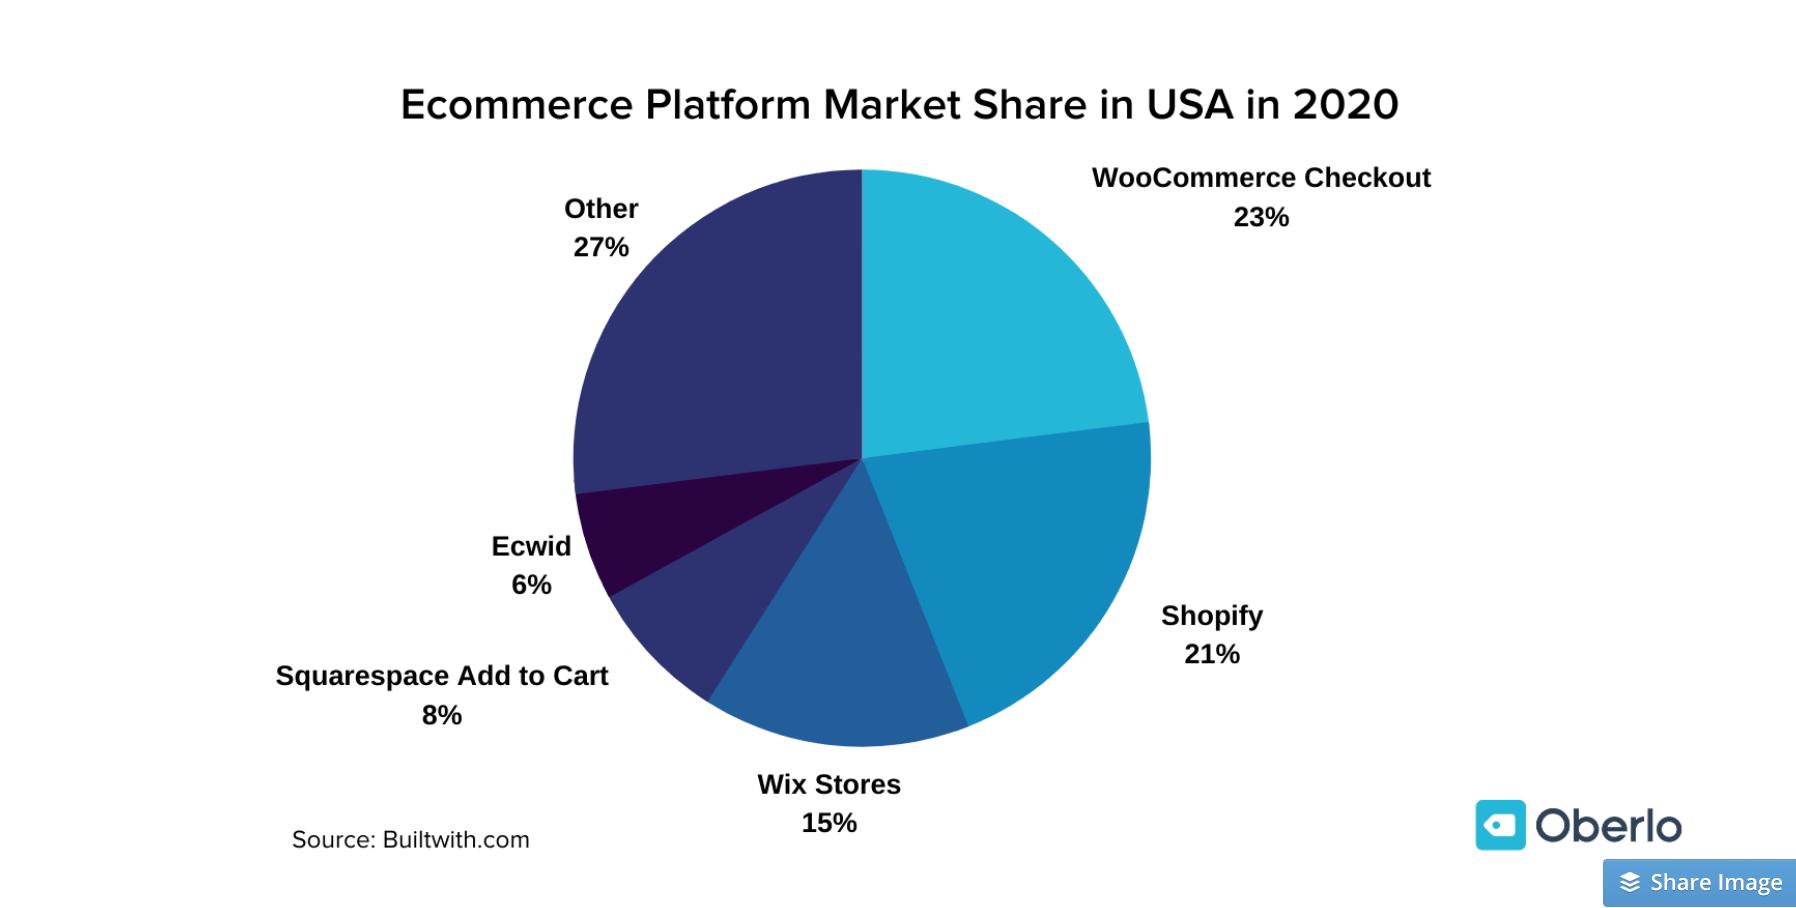 eCommerce Platforms Market Share